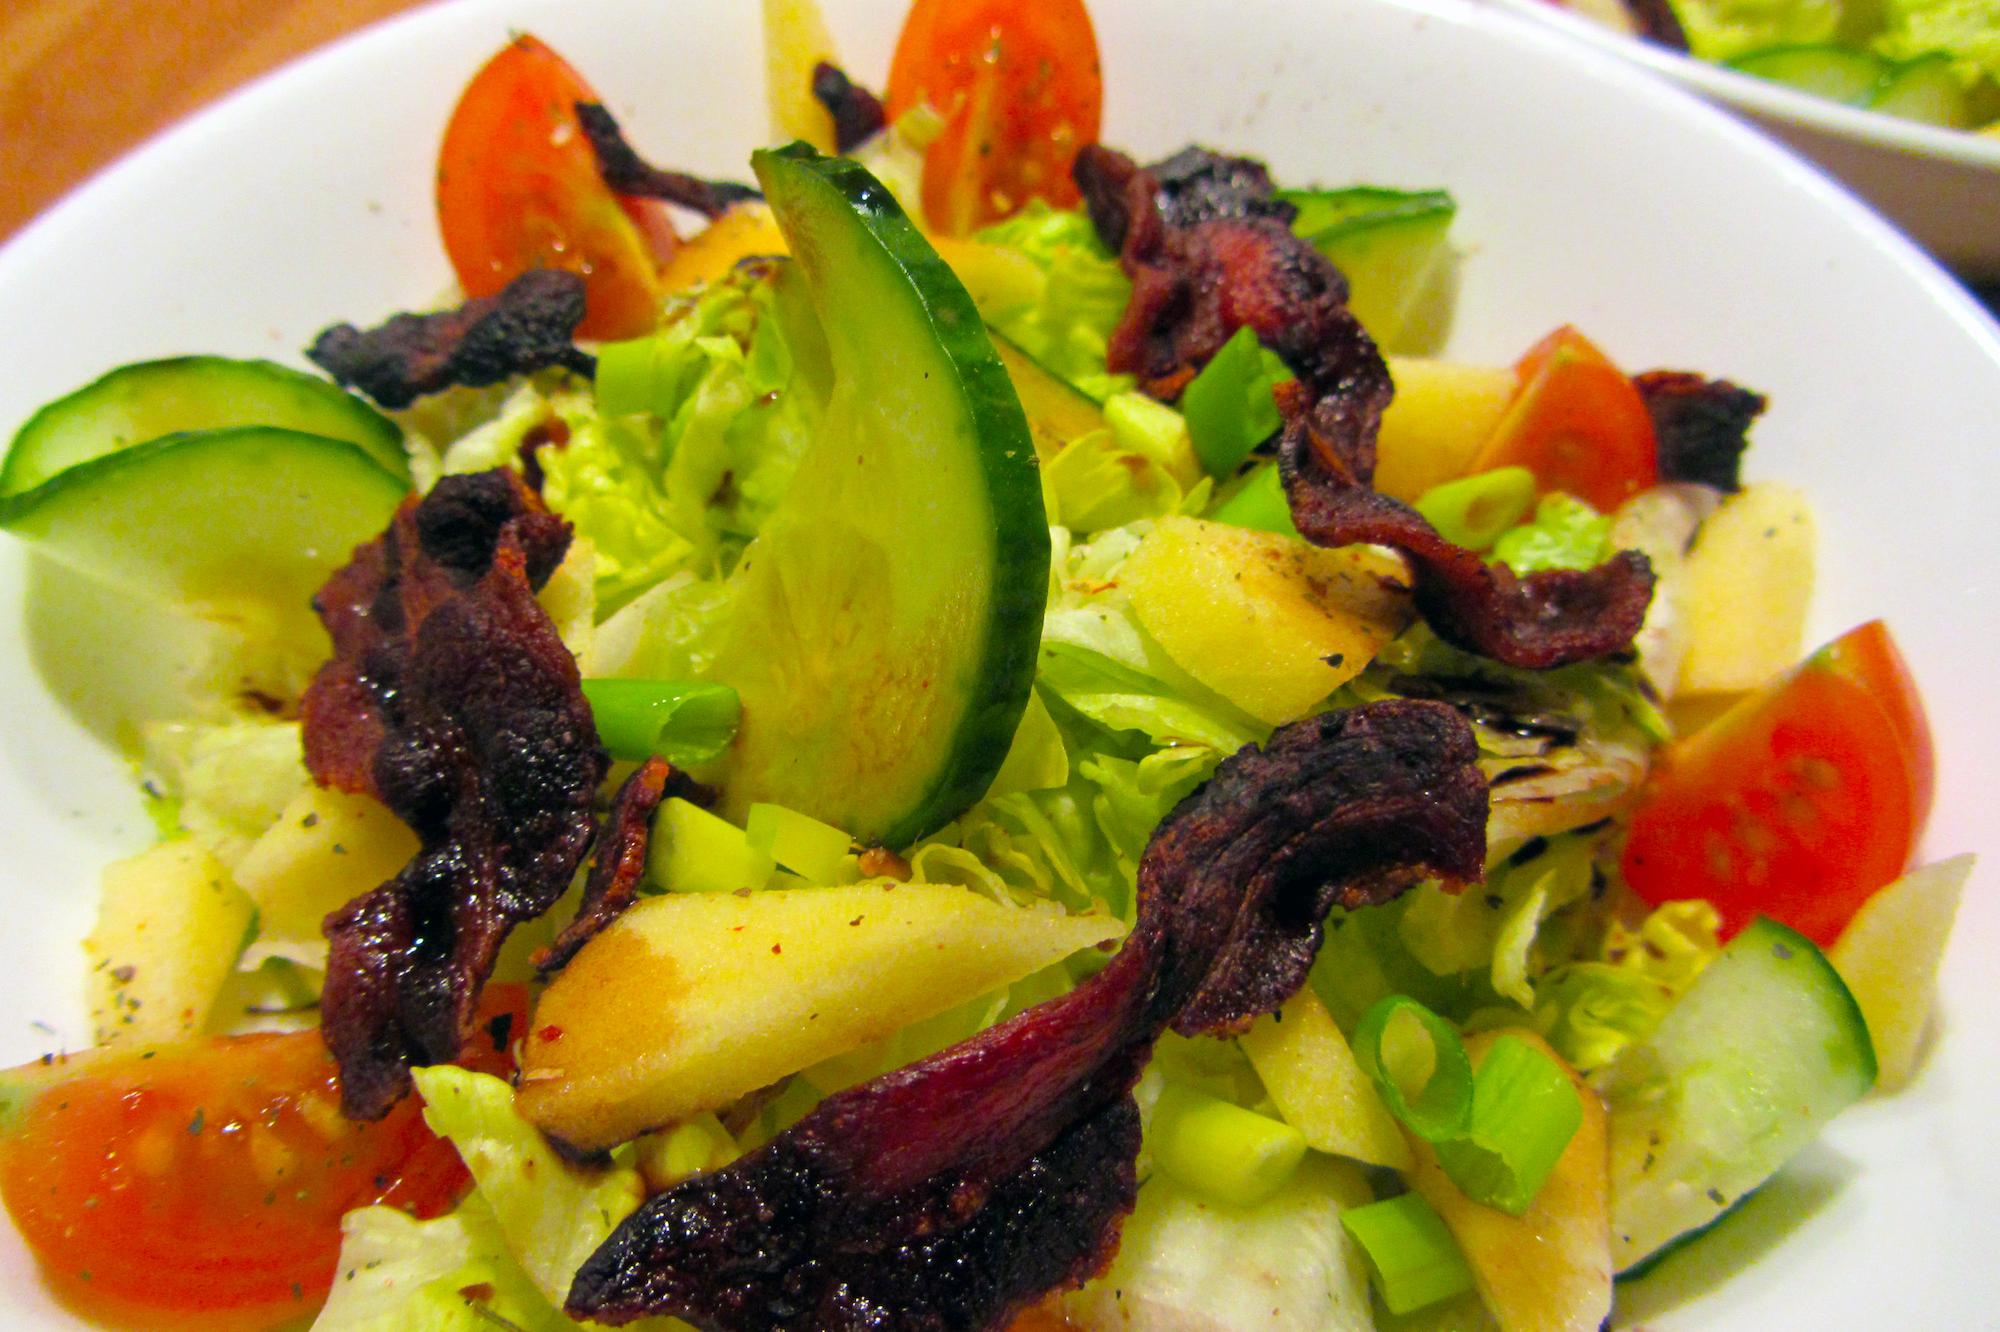 Salade met krokant spek en appel